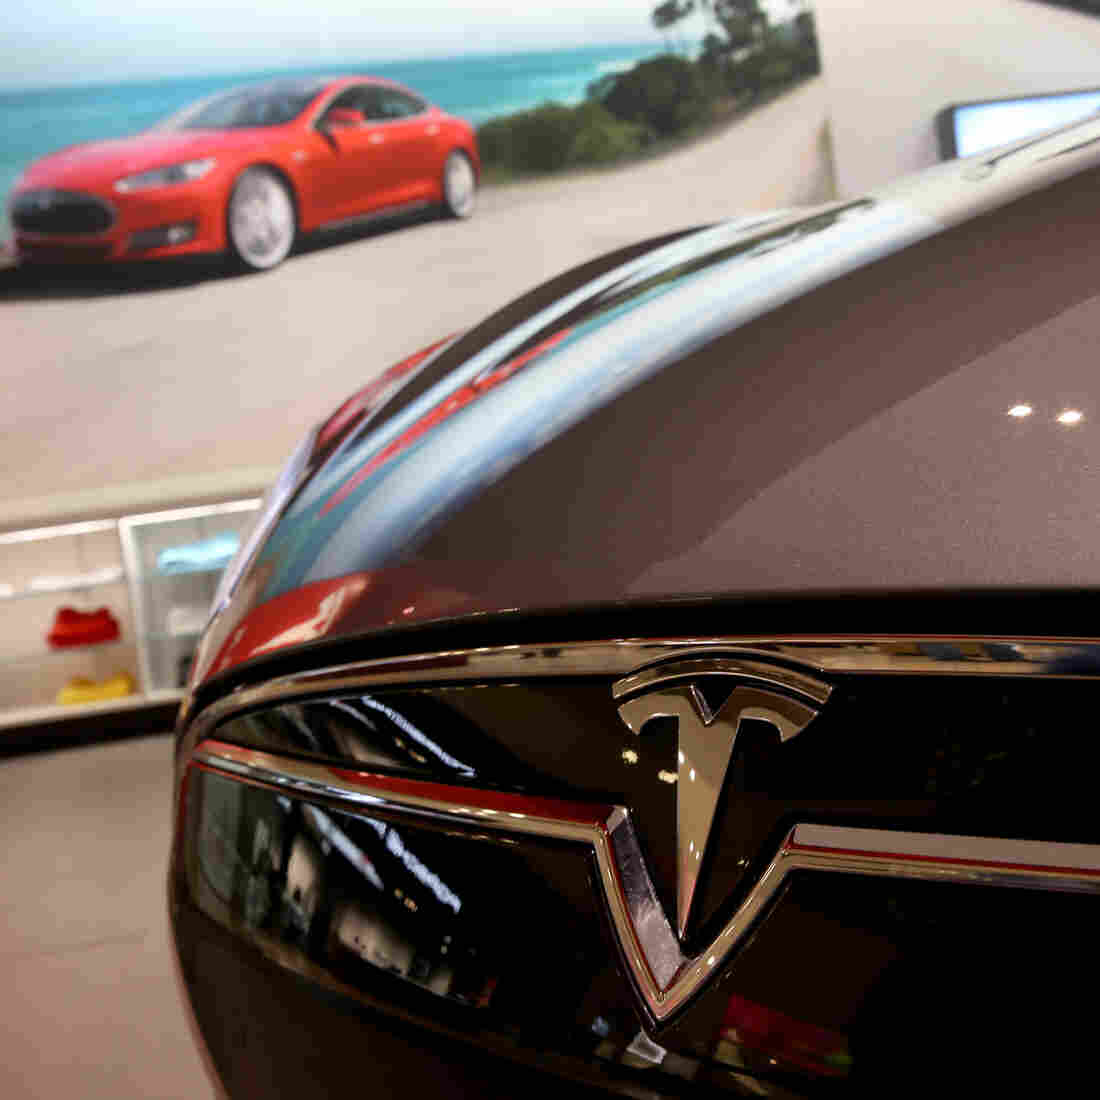 Any Way It's Measured, Tesla's $5B 'Gigafactory' Is Huge